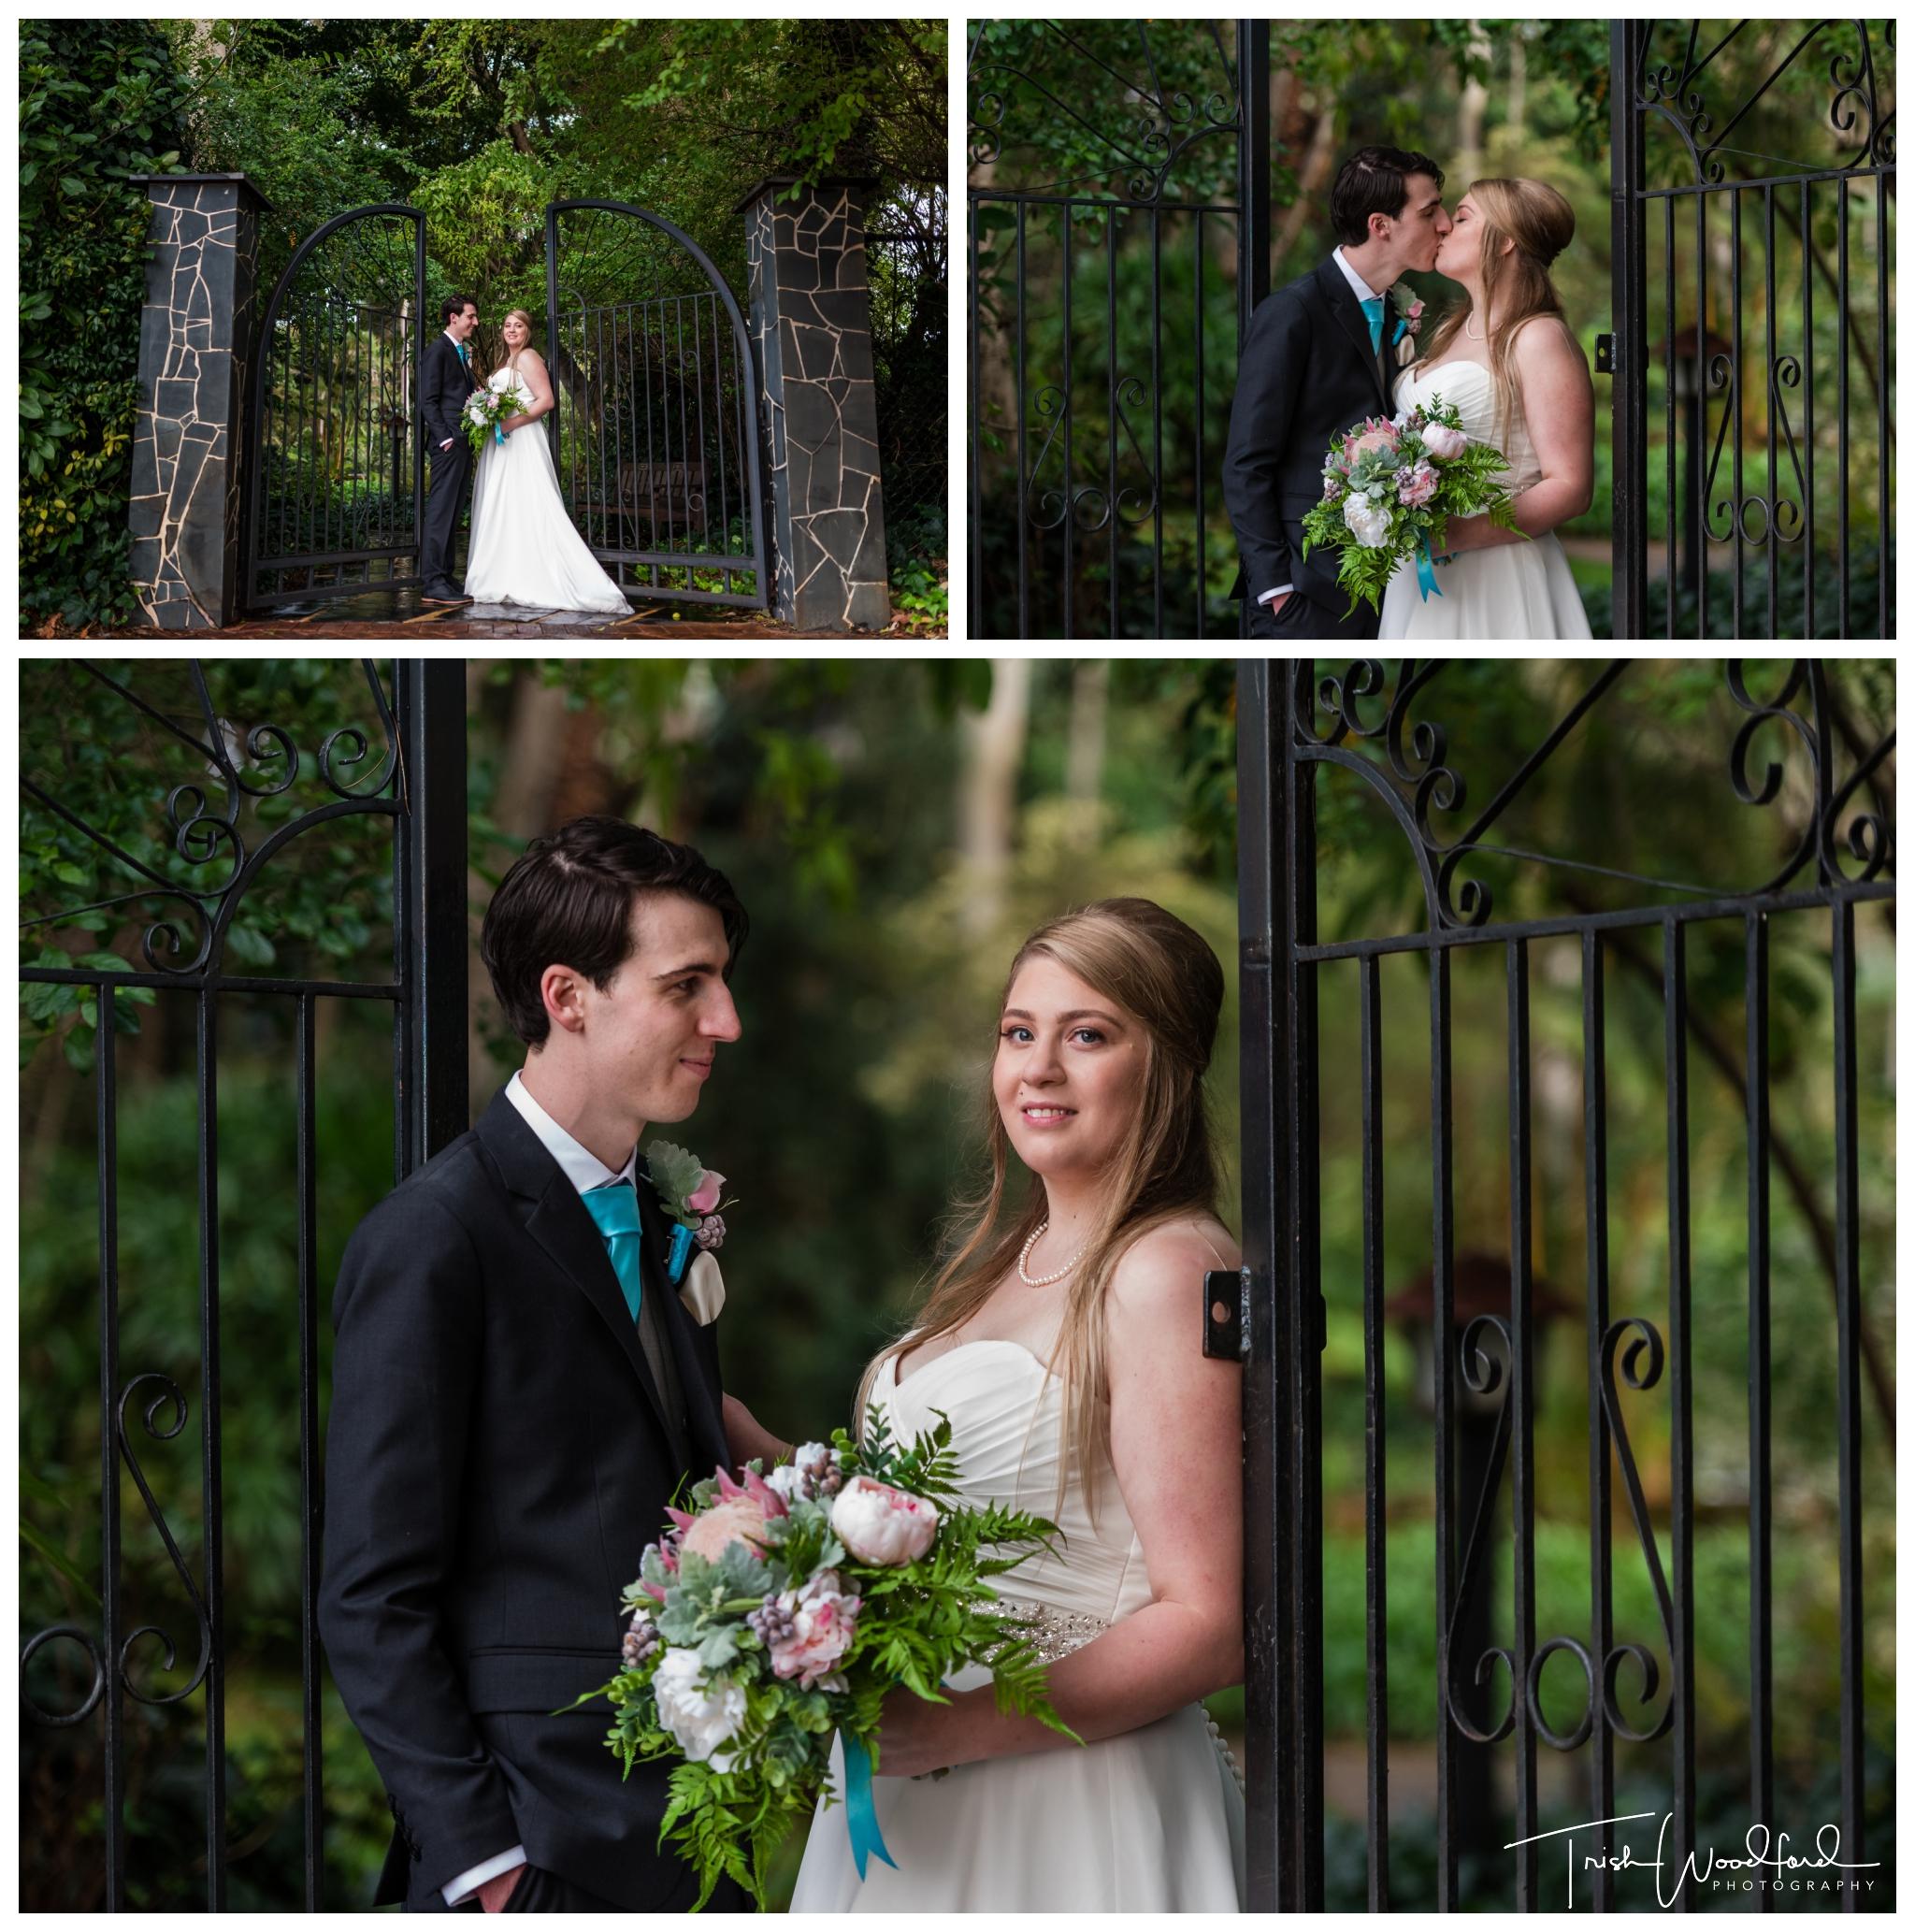 wedding-portraits-wanneroo-botanic-gardens